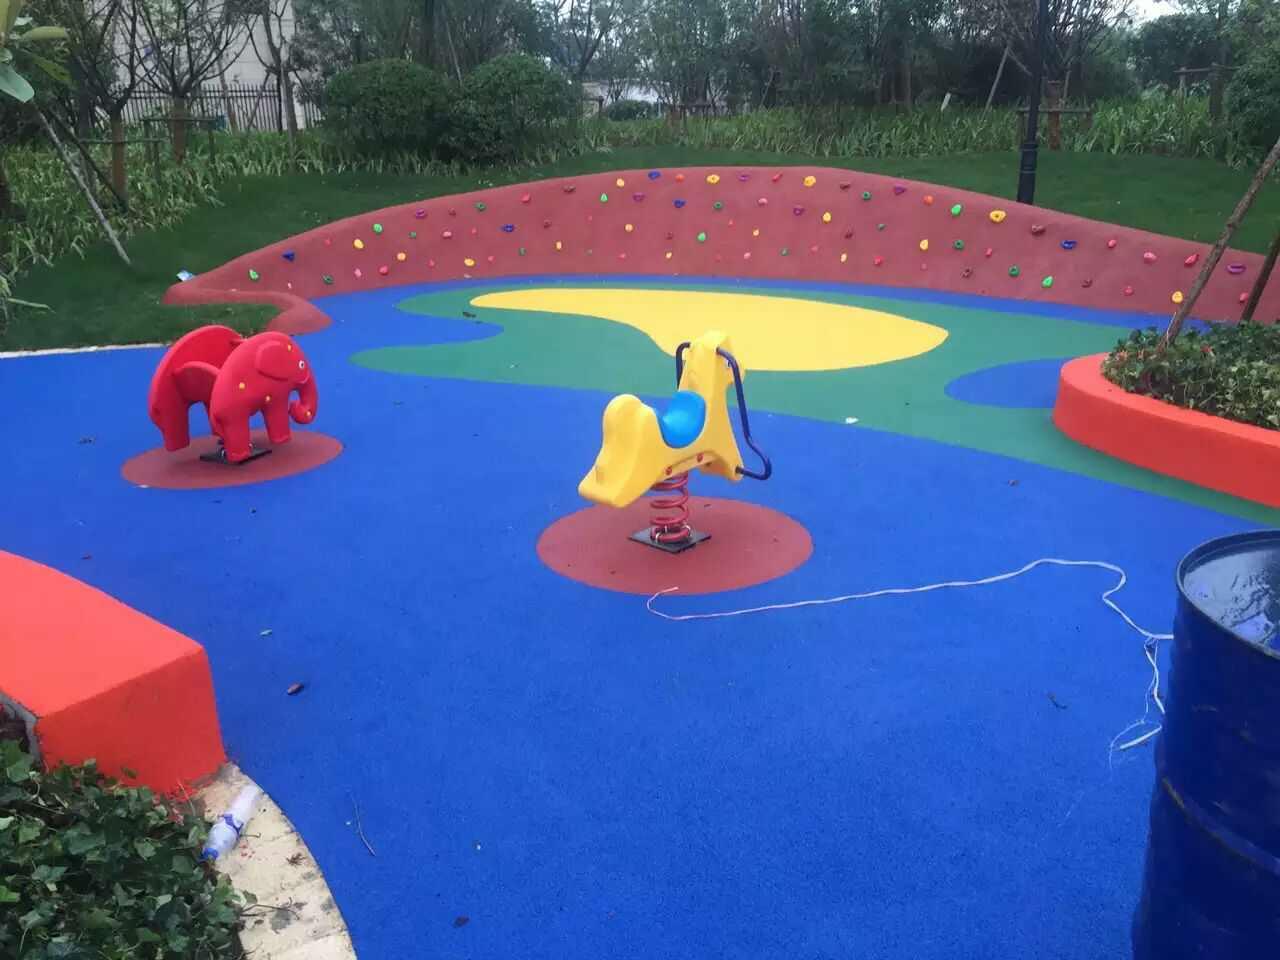 宁波塑胶场地-室外塑胶地板-环保塑胶场地